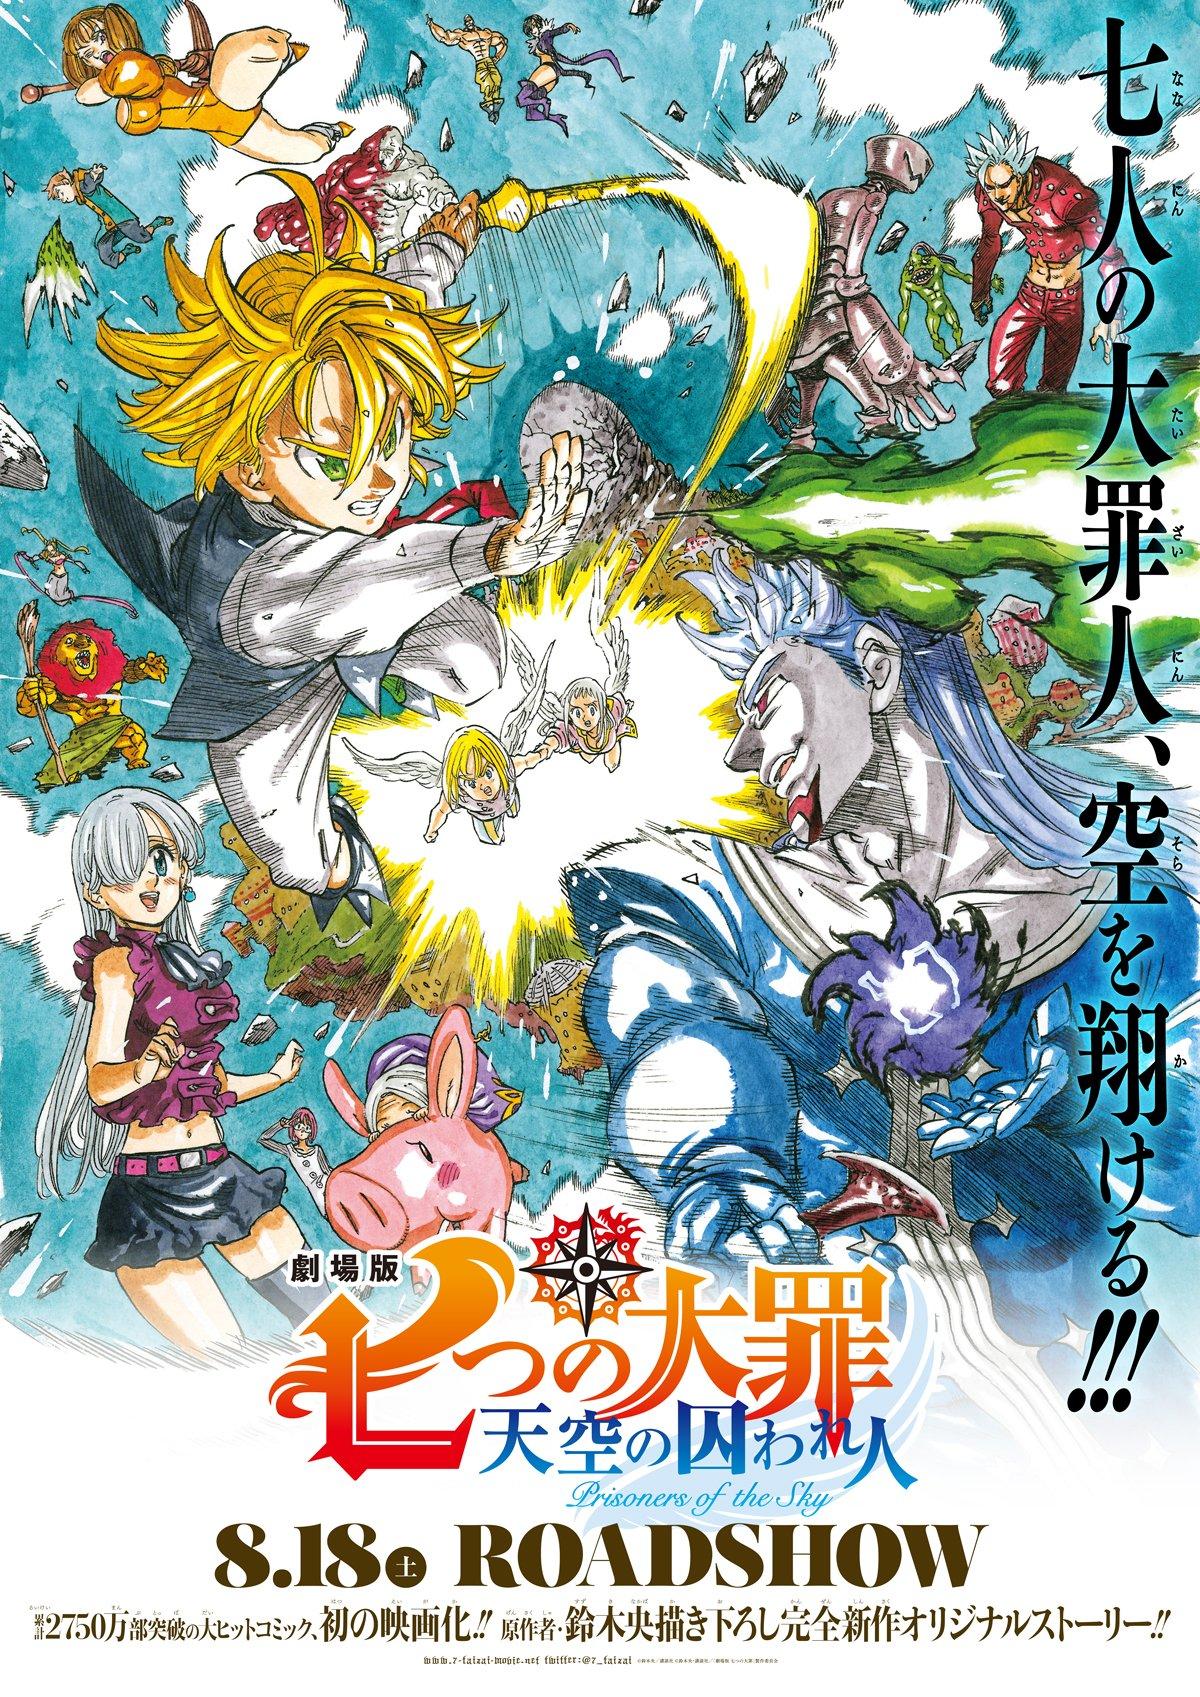 【七つの大罪】最強キャラクターランキング!強いキャラは誰?